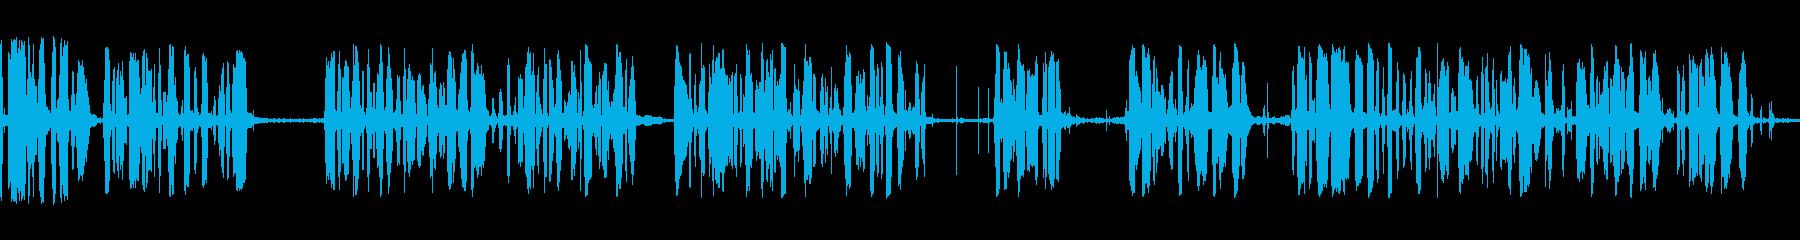 アナウンサーカーレースメガホンbの再生済みの波形